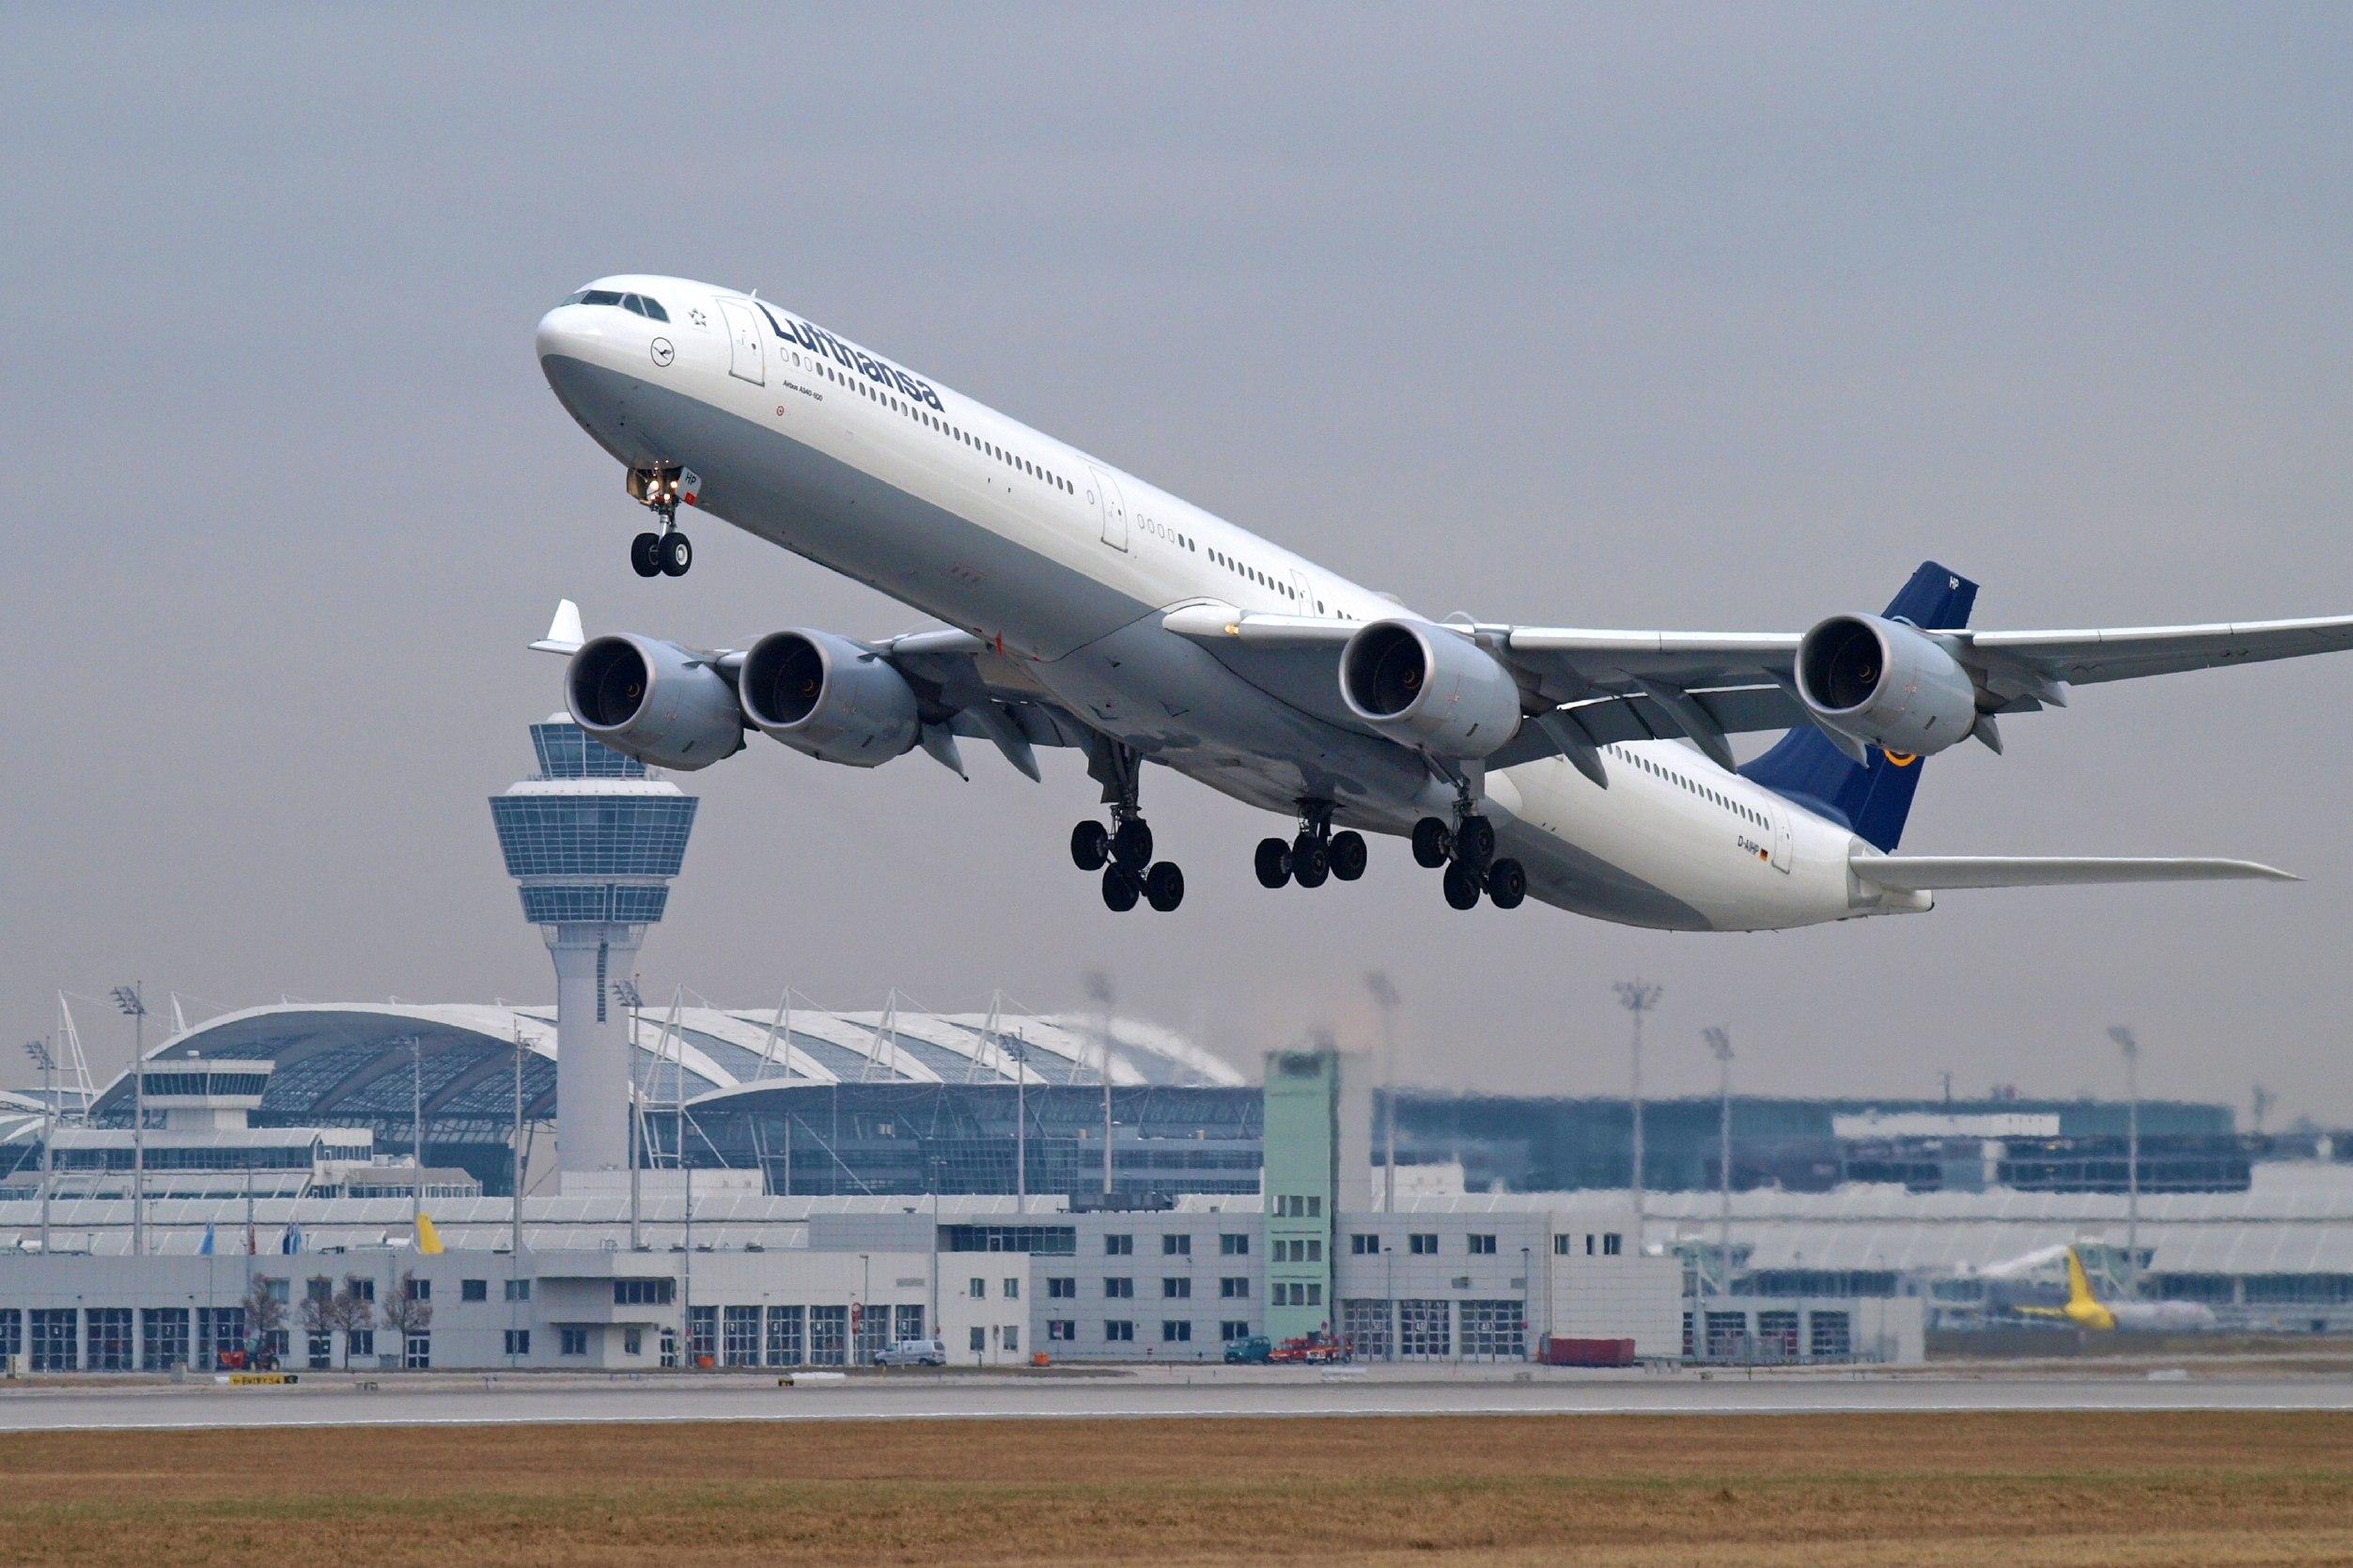 Взлет лайнера Lufthansa